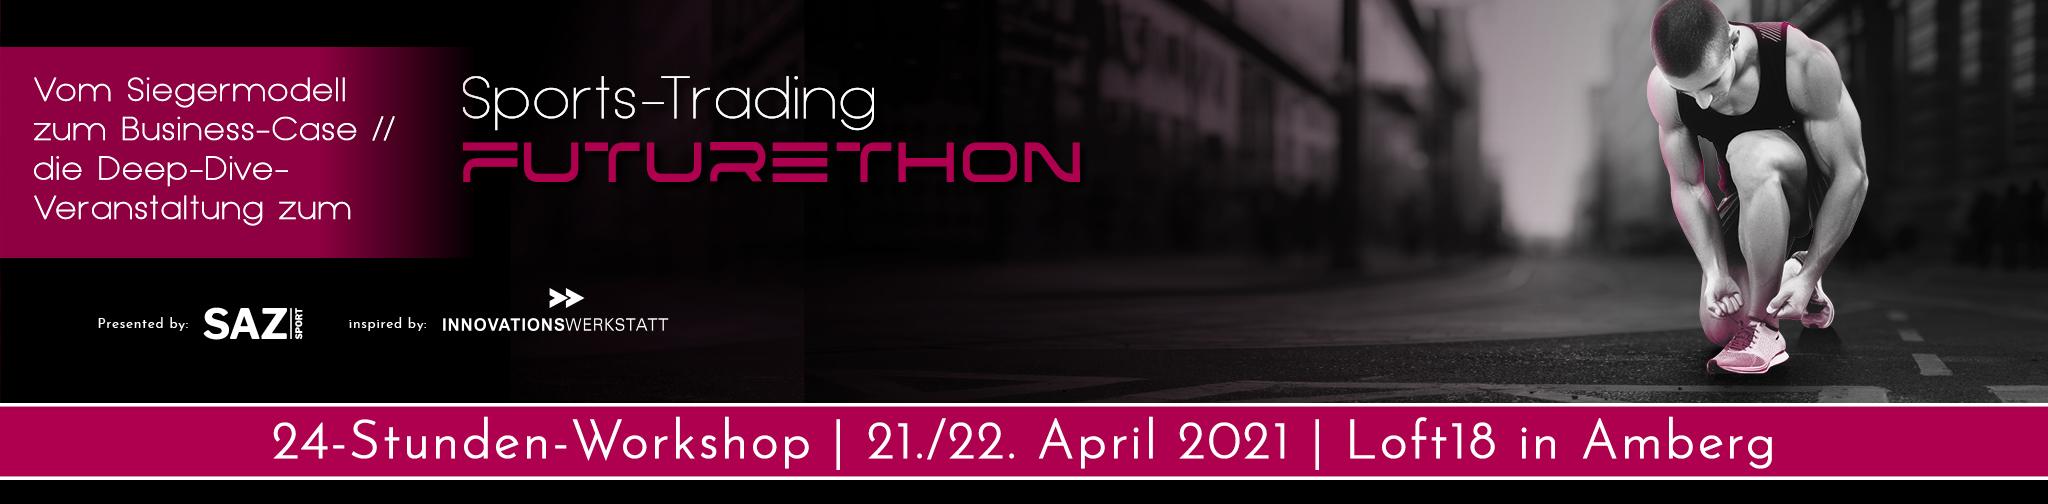 FUTURETHON 2021 - 21. und 22. April 2021